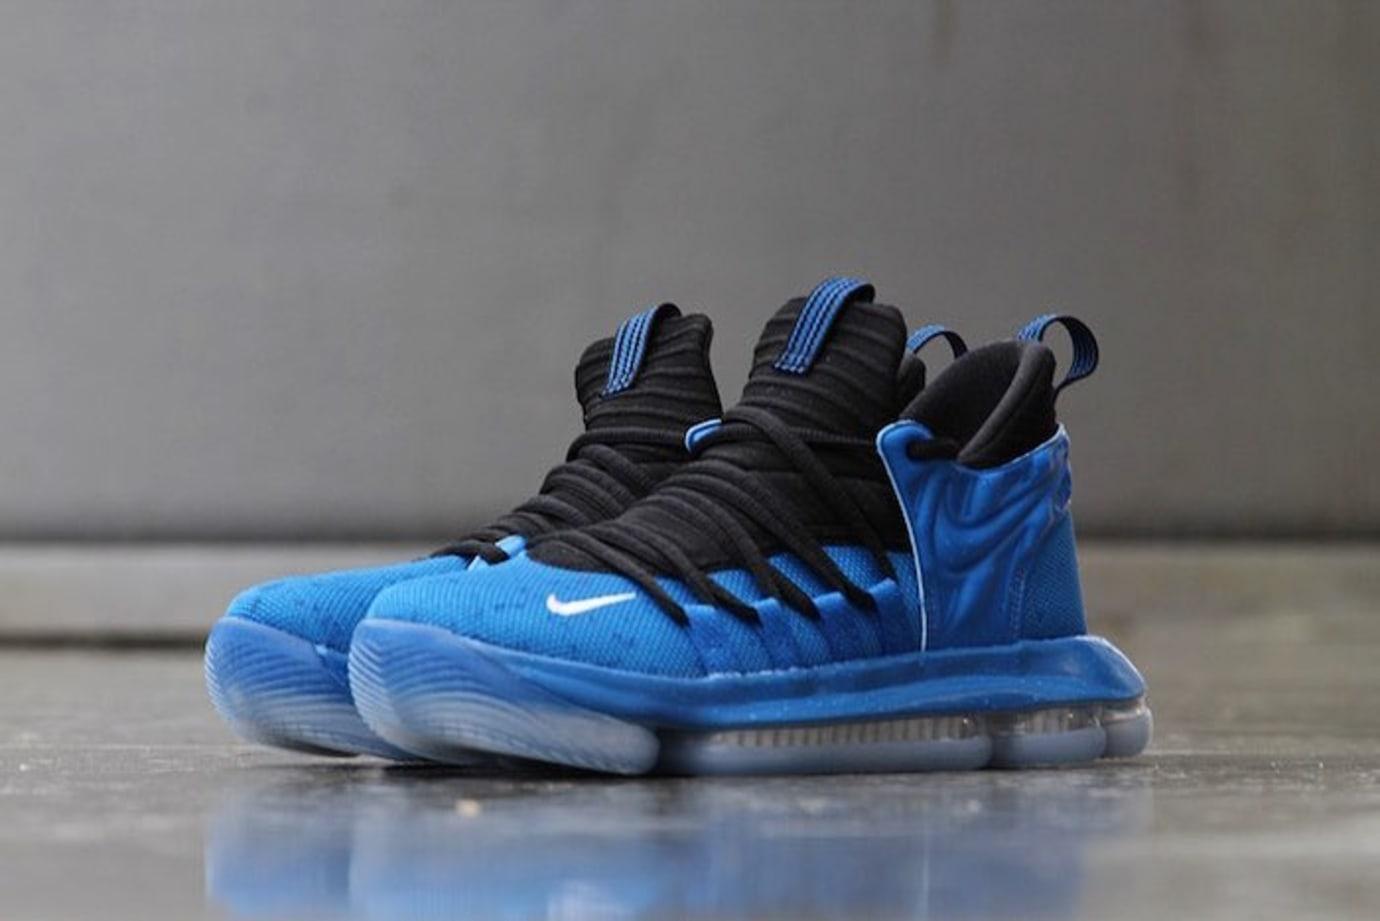 3f5ff739716 Nike KD 10 GS Foamposite Royal Release Date AJ7220-500